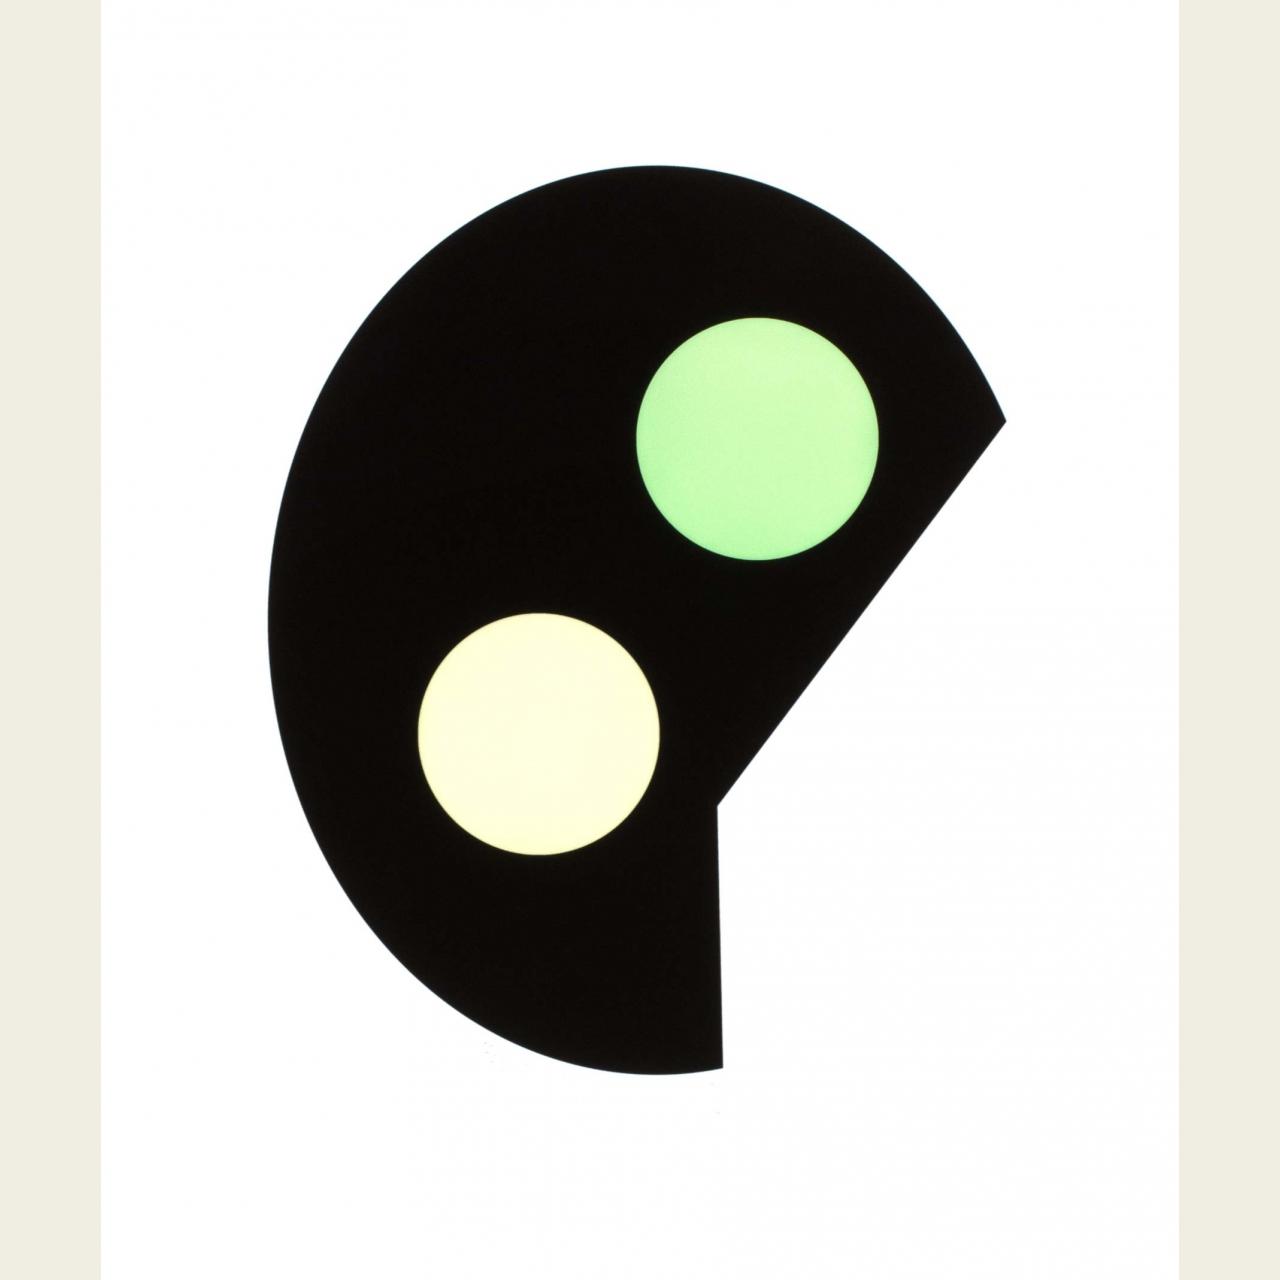 i - kring grön